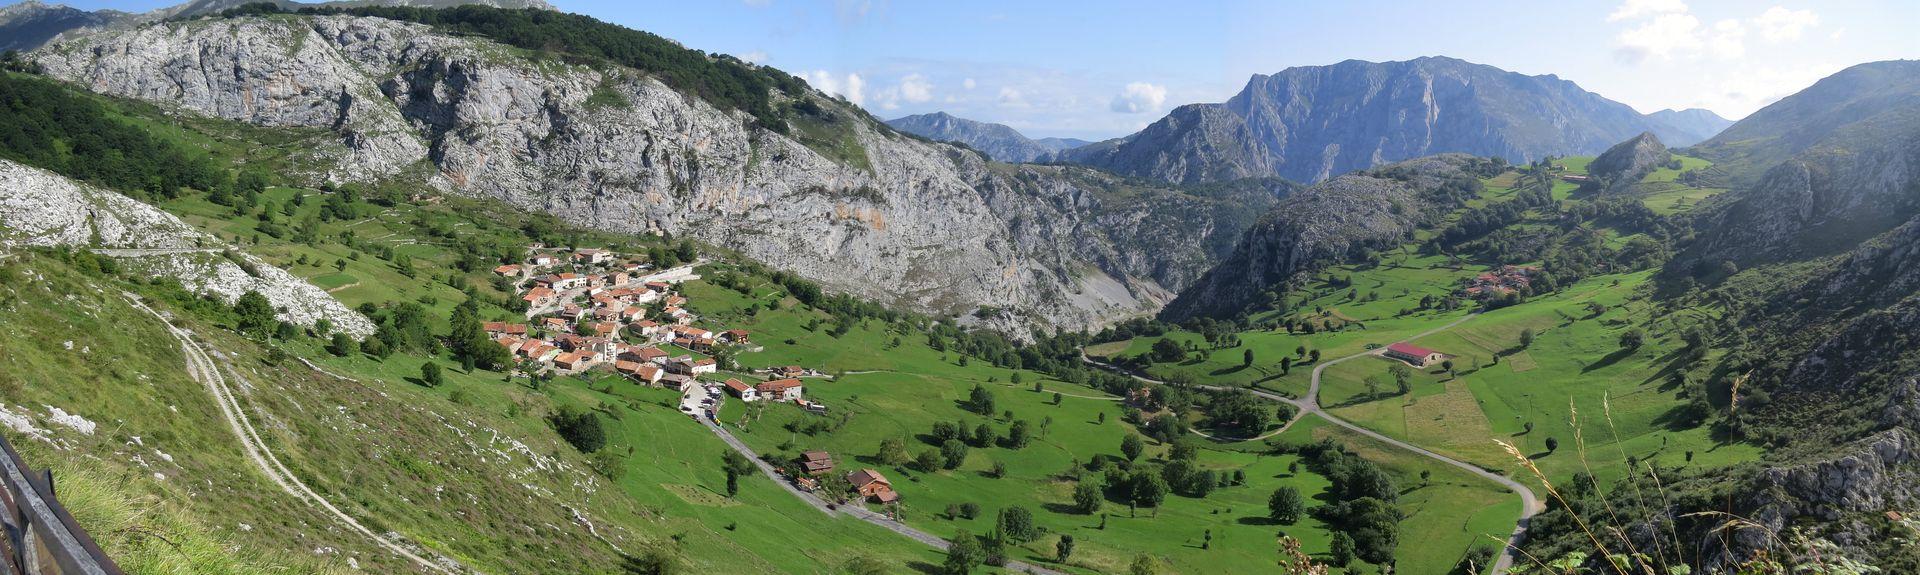 Cabezón de Liébana, Cantabria, Spain